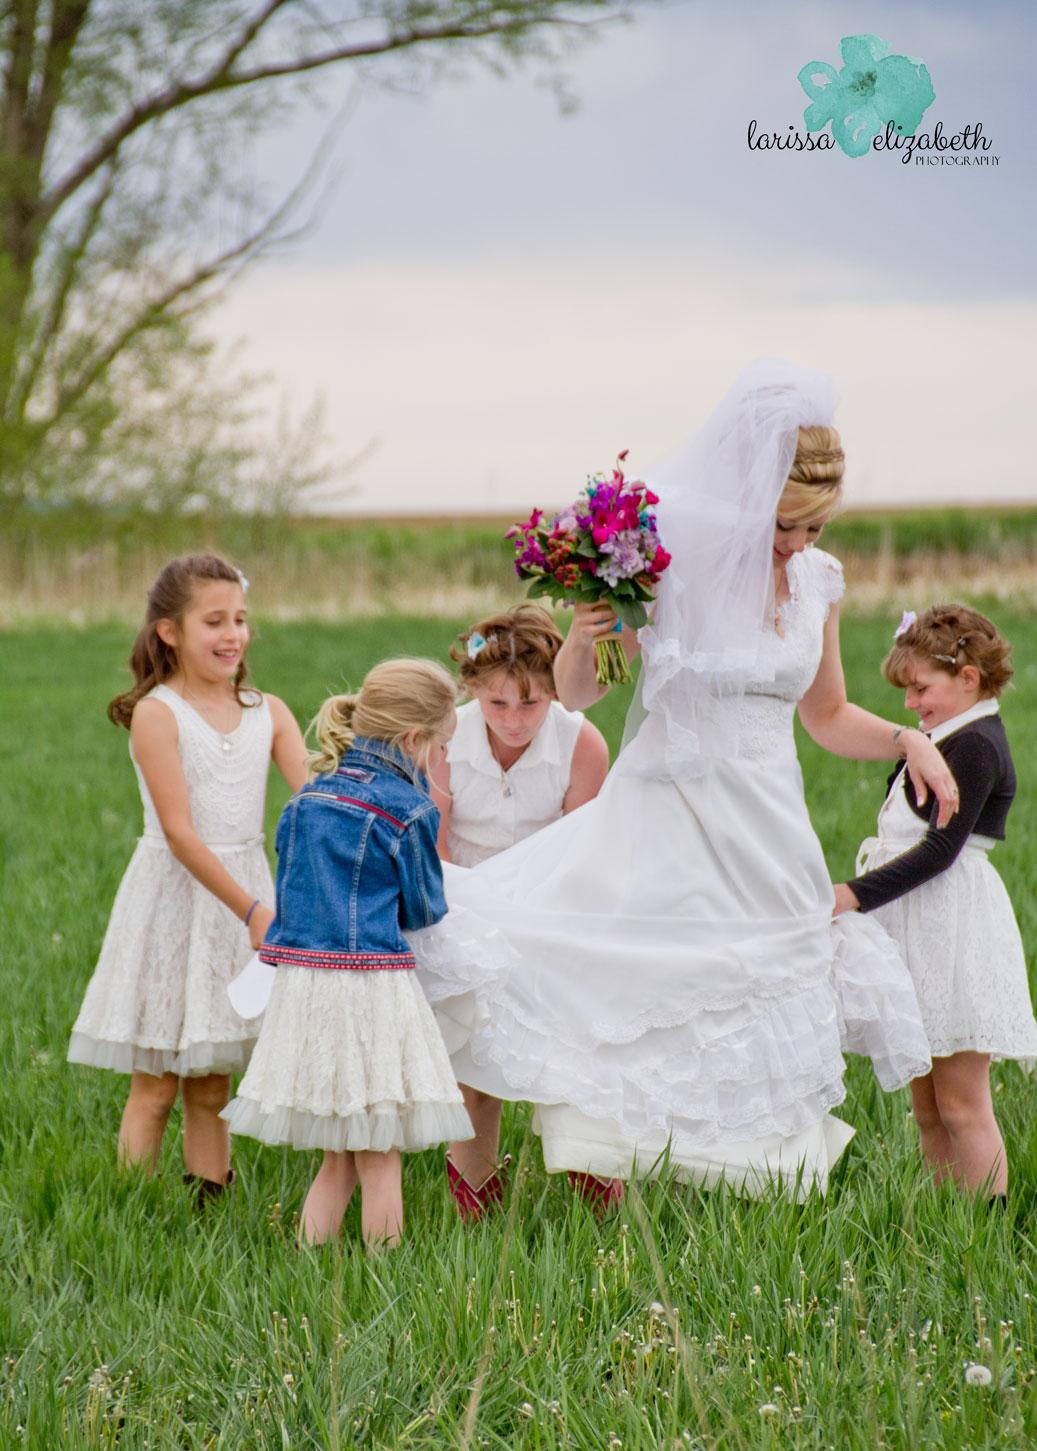 Colorado-Cowboy-Wedding-11.jpg